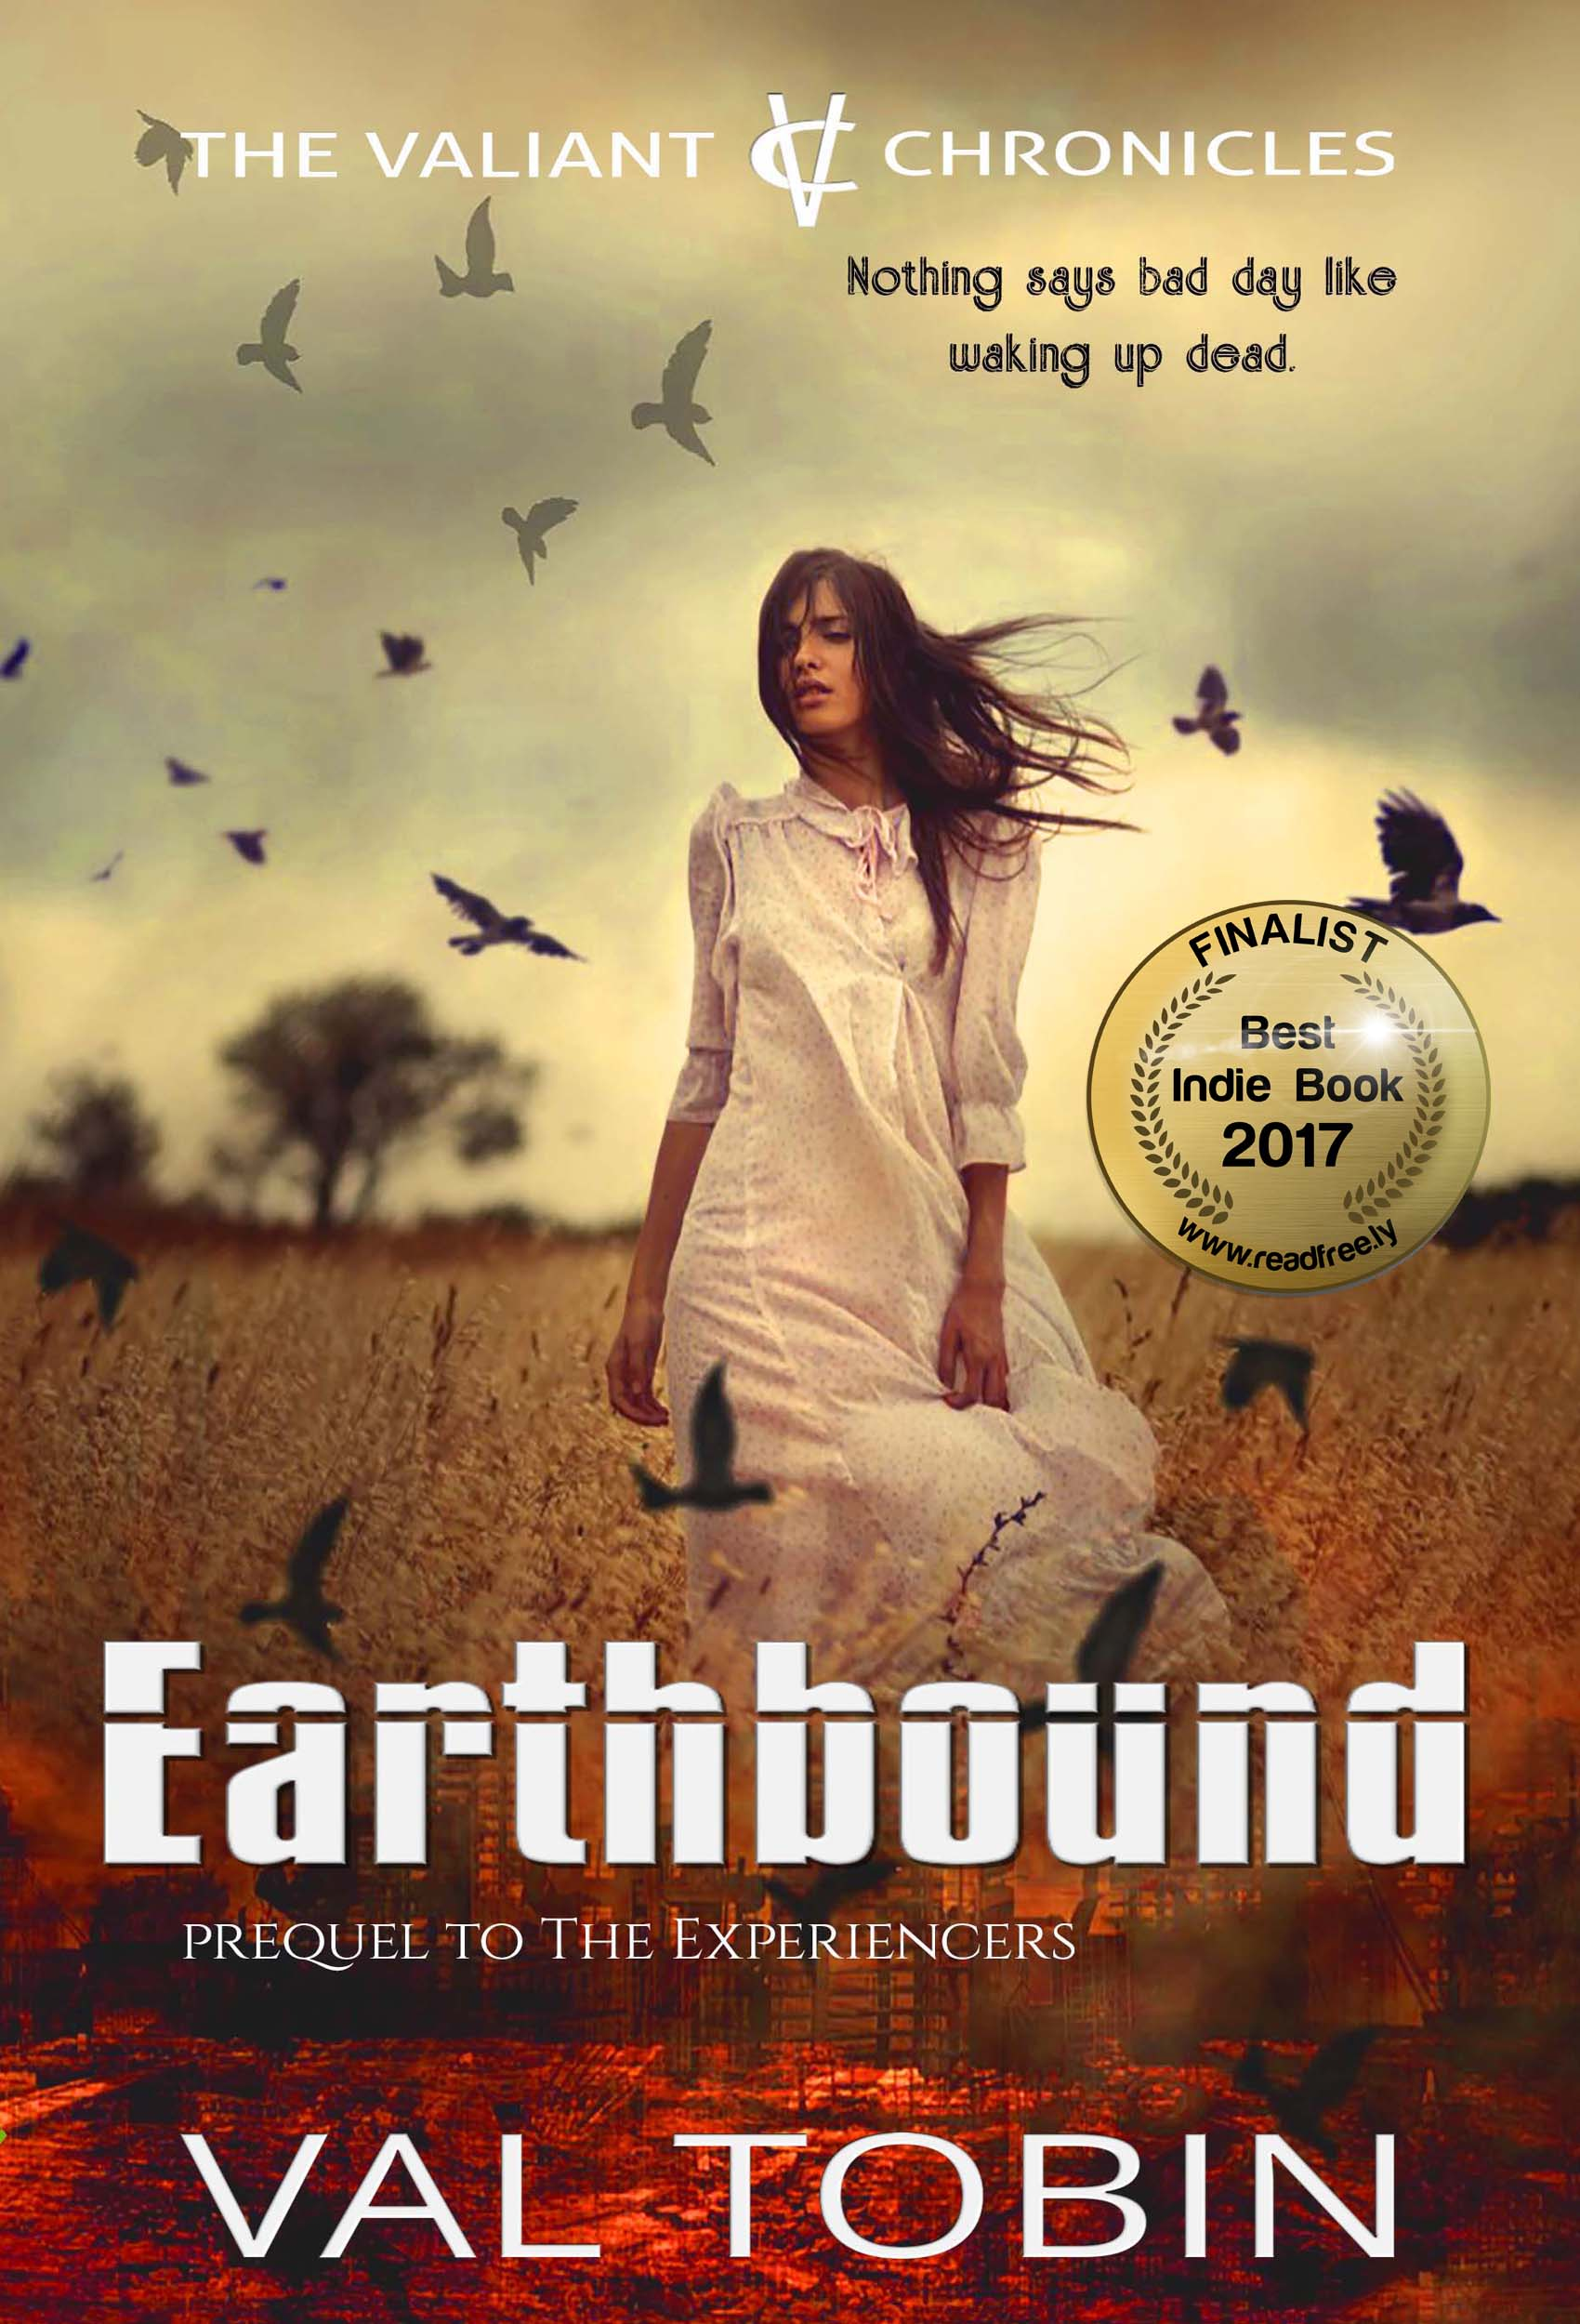 earthbound EBOOK cover award 22nov2017_Final